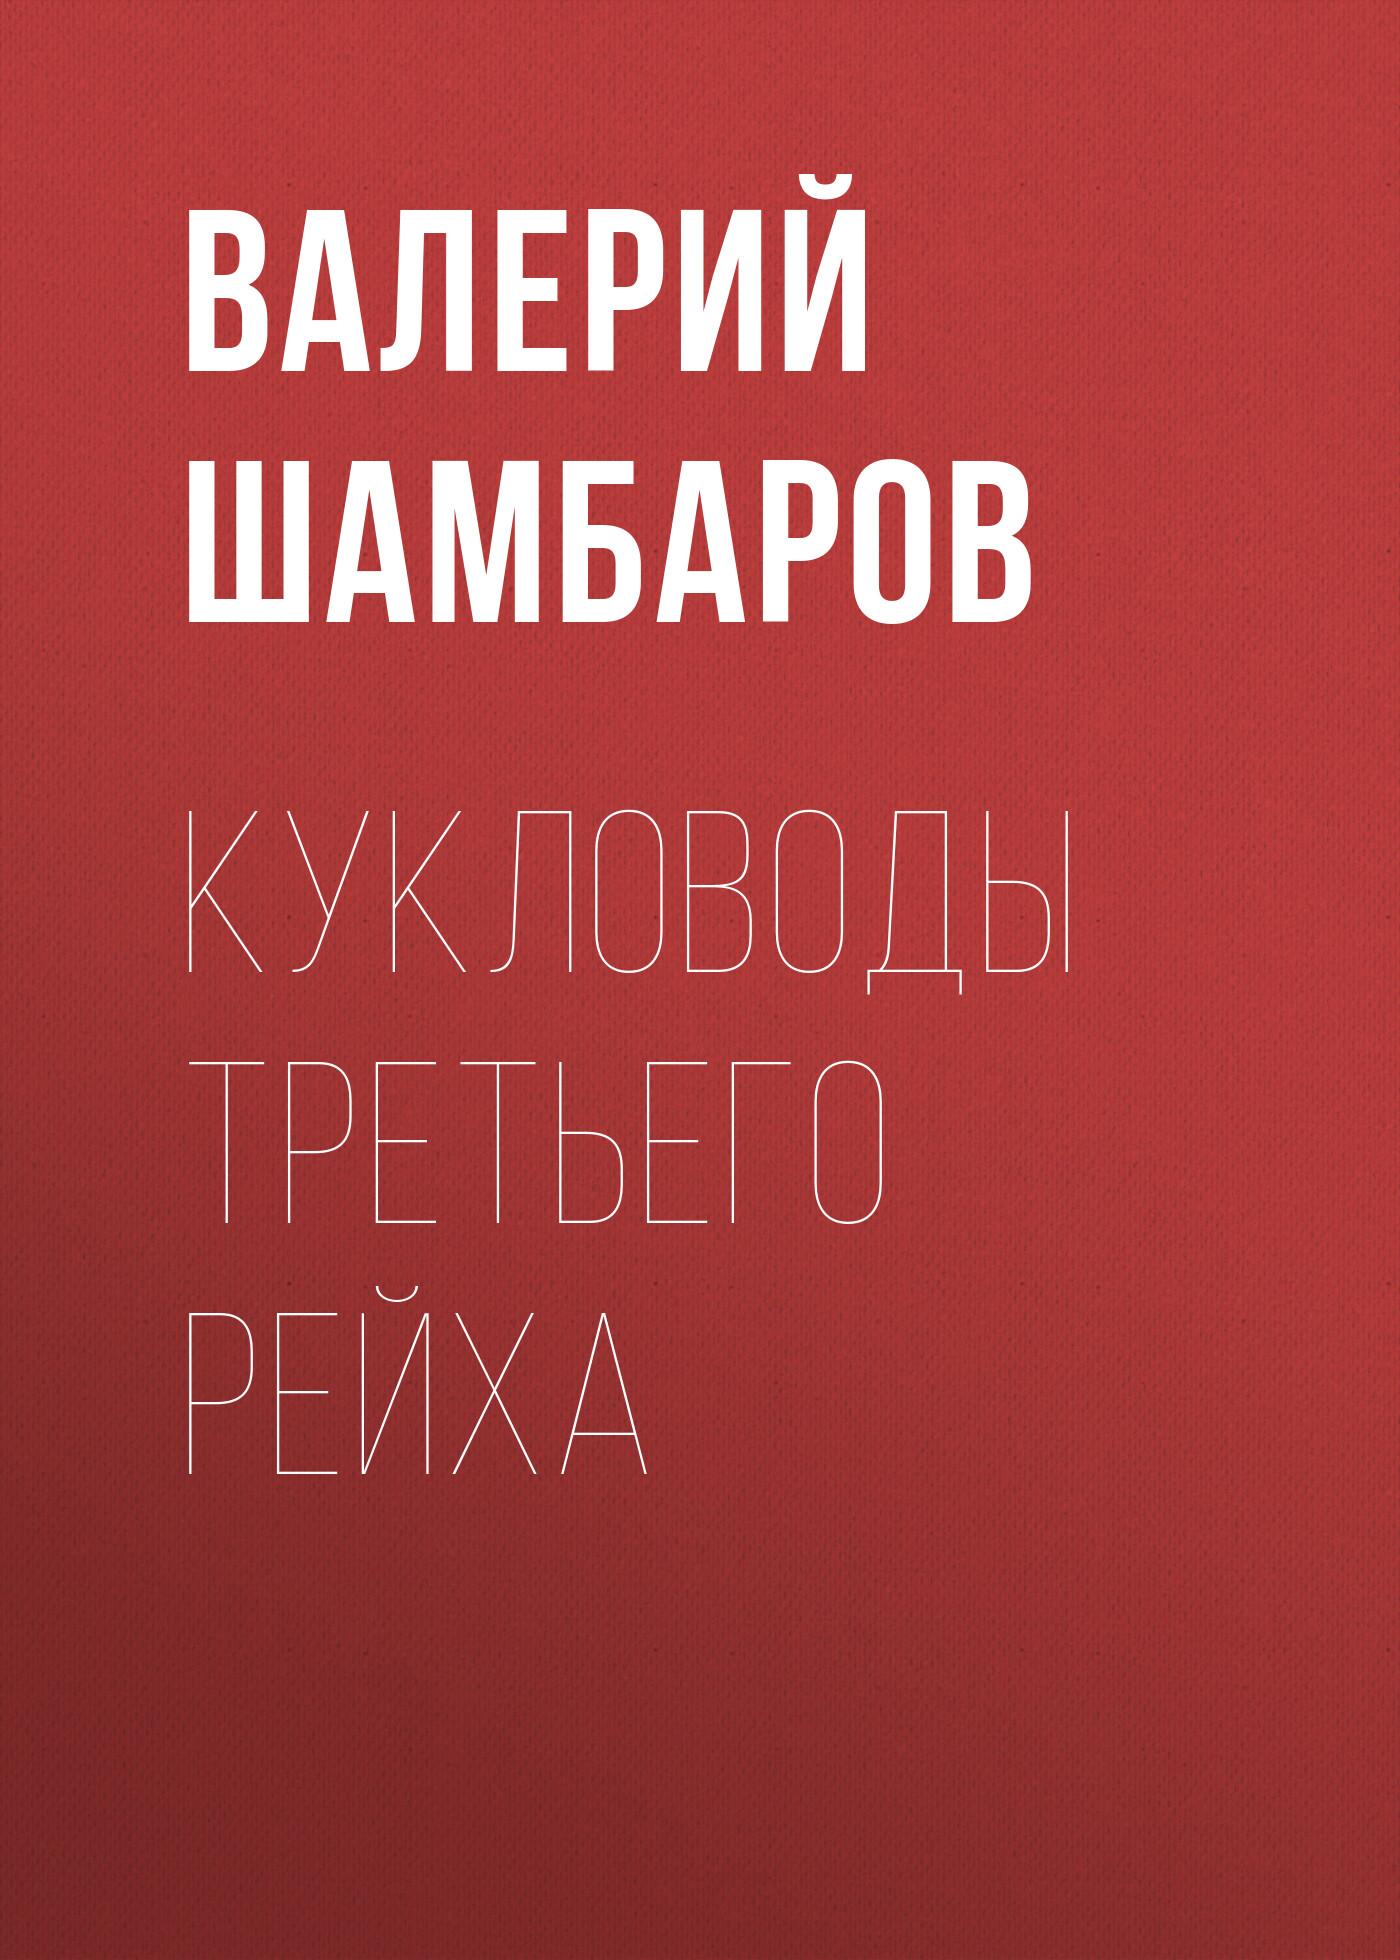 Валерий Шамбаров Кукловоды Третьего рейха николас гудрик кларк оккультные корни нацизма когда легенды становятся былью